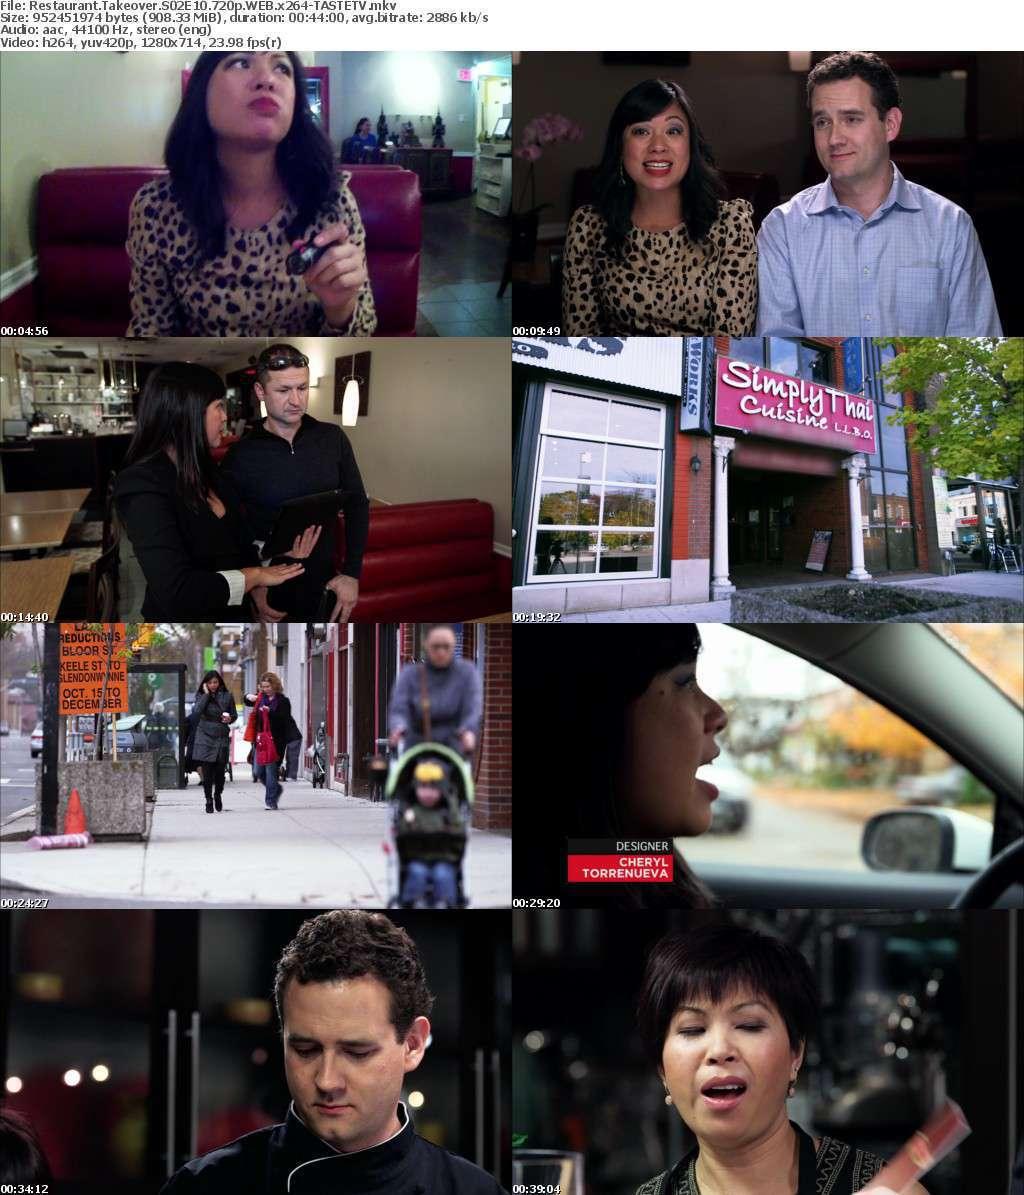 Restaurant Takeover S02E10 720p WEB x264-TASTETV